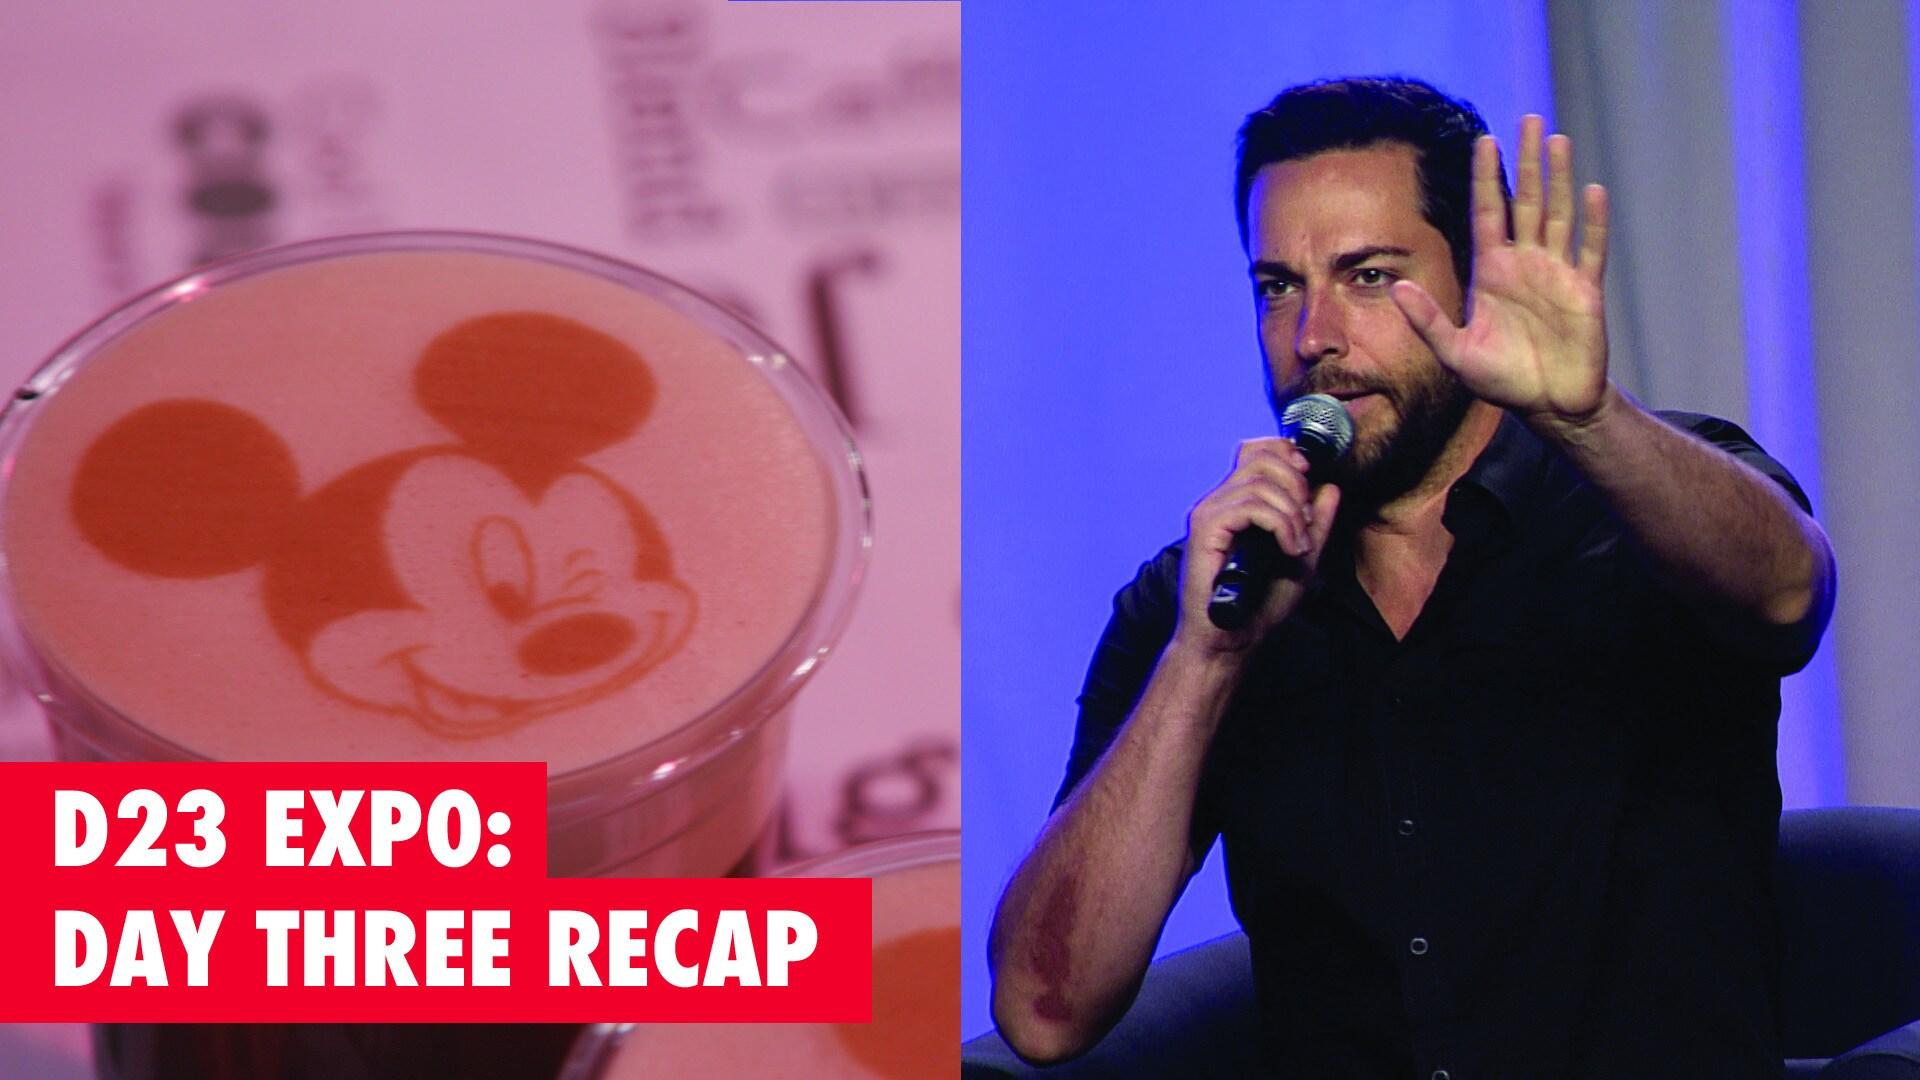 D23 Expo Recap Day 3 | Oh My Disney